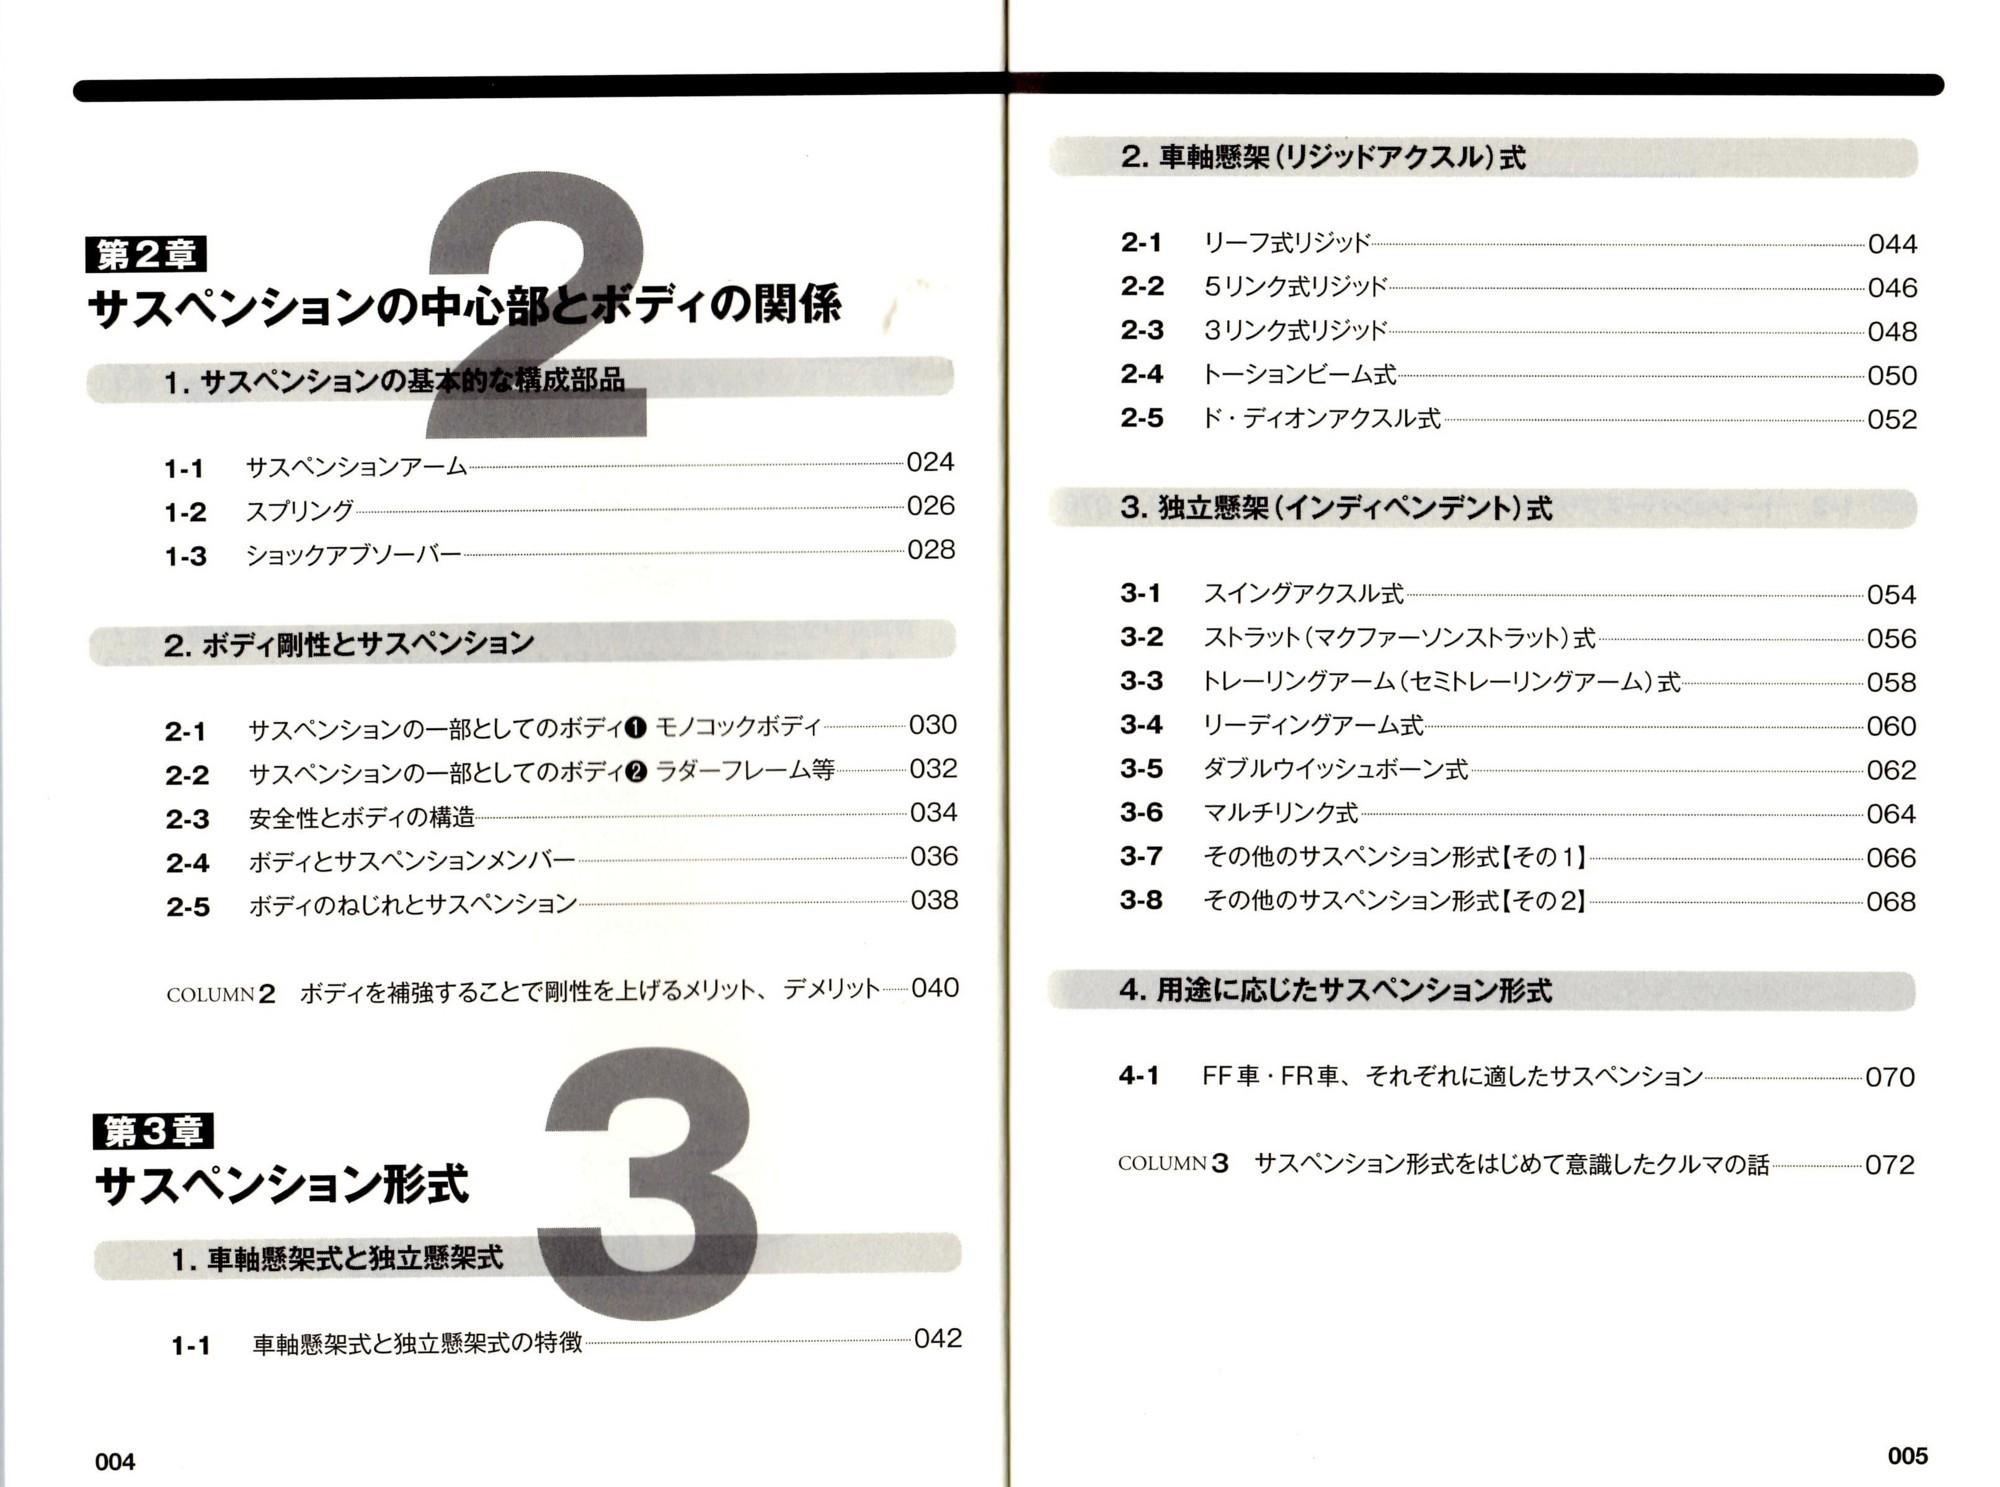 f:id:yoiijima:20180502091404j:plain